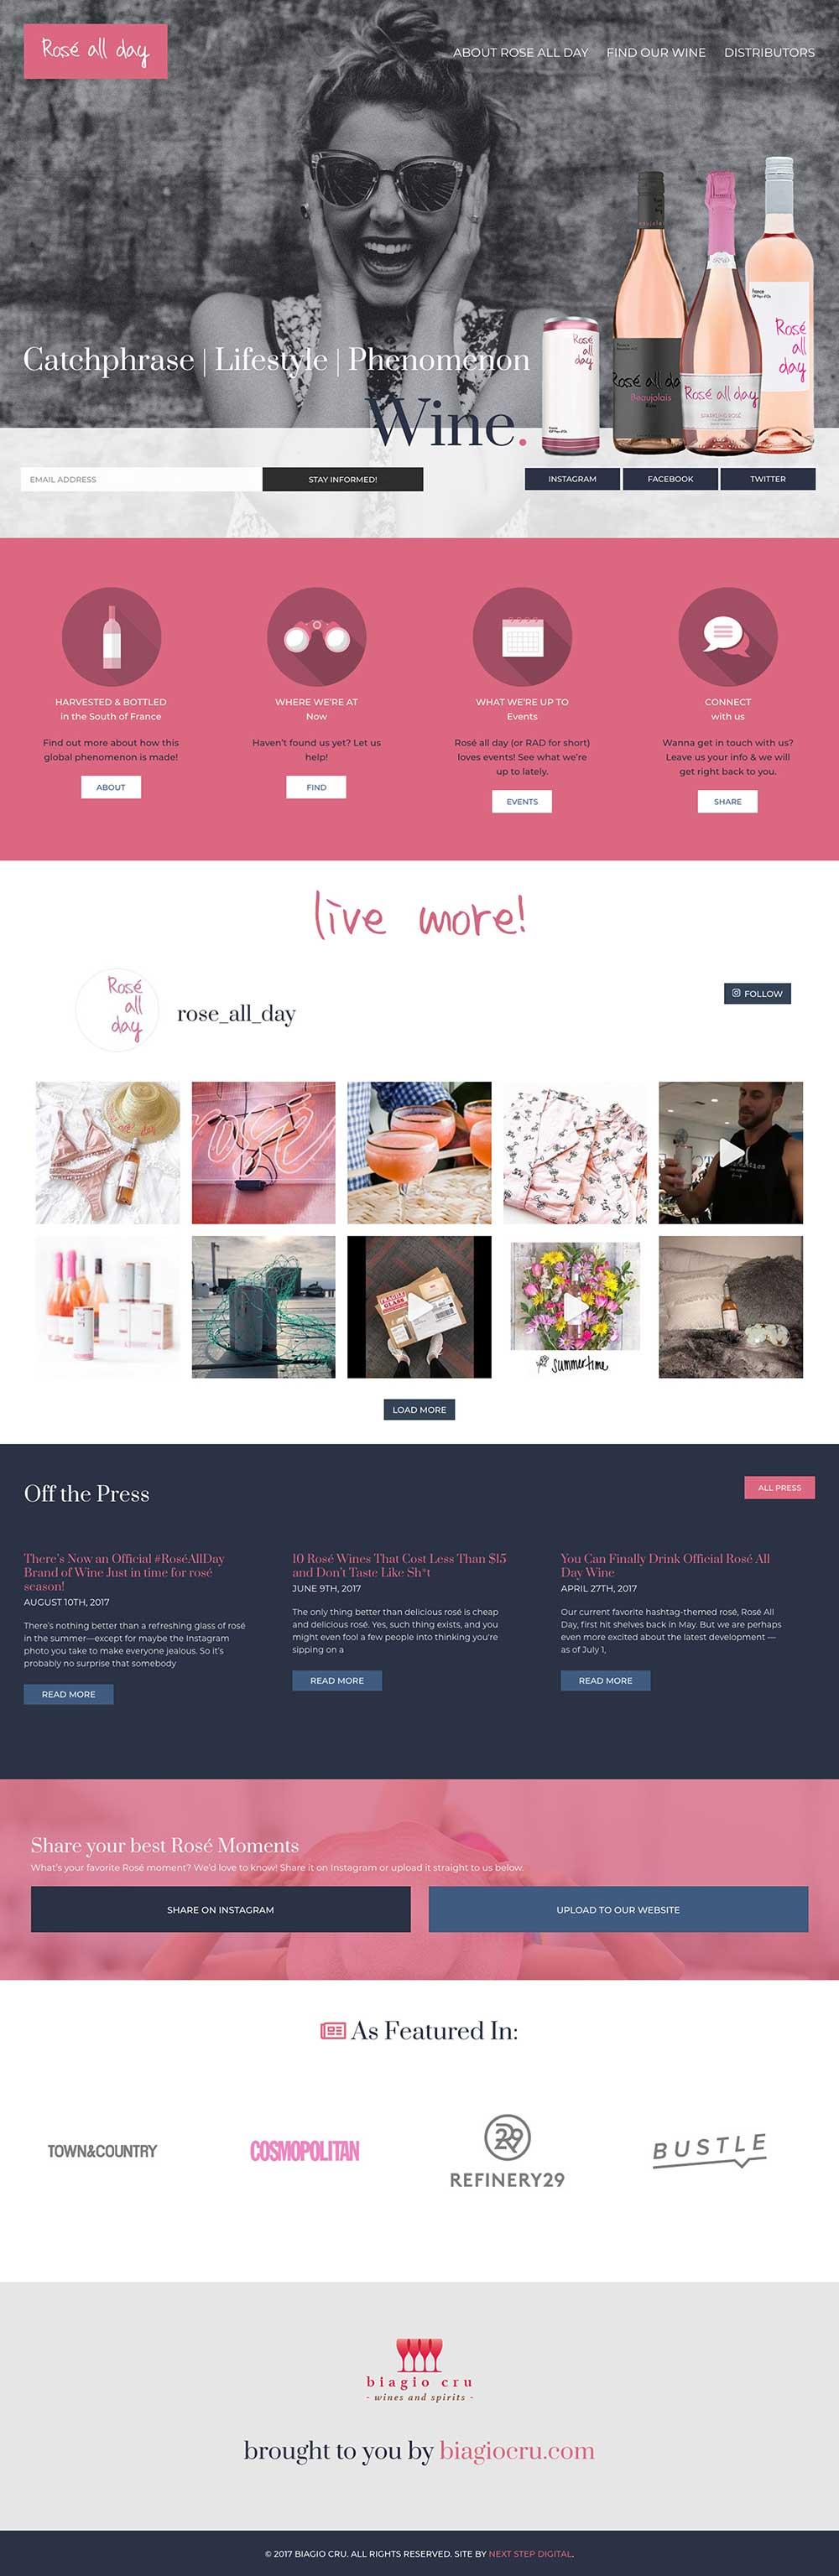 Rose All Day Hompage Desktop